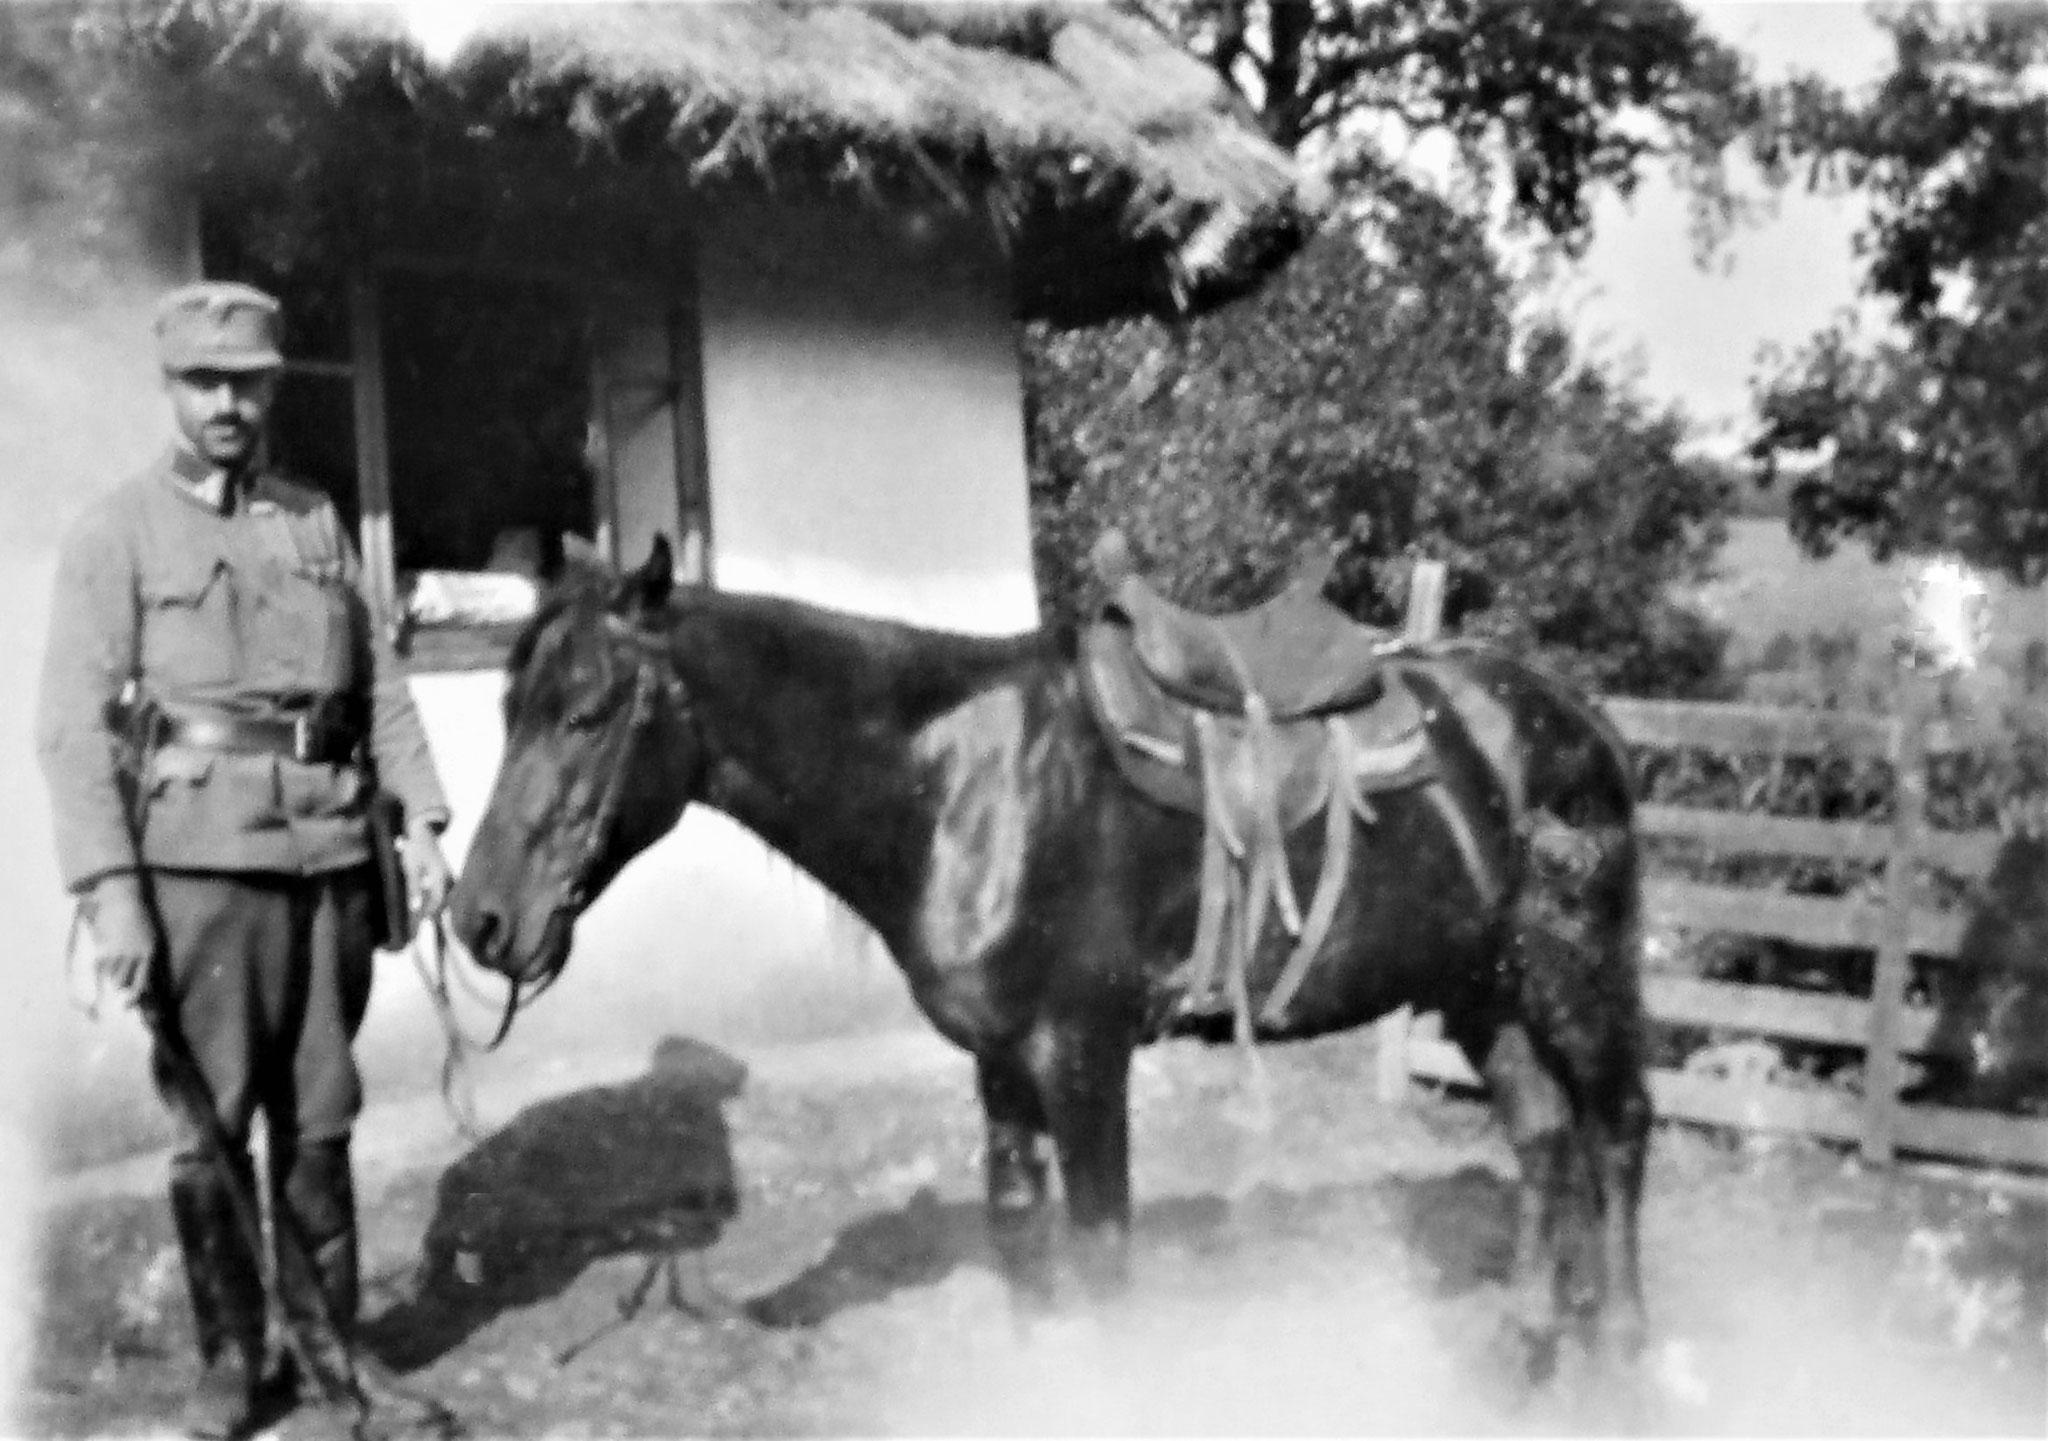 Emmerich Stanz der Fuß-Esk. DR 5 bei der Esk.-Kanzlei im Ort (Czernelica, 1916).